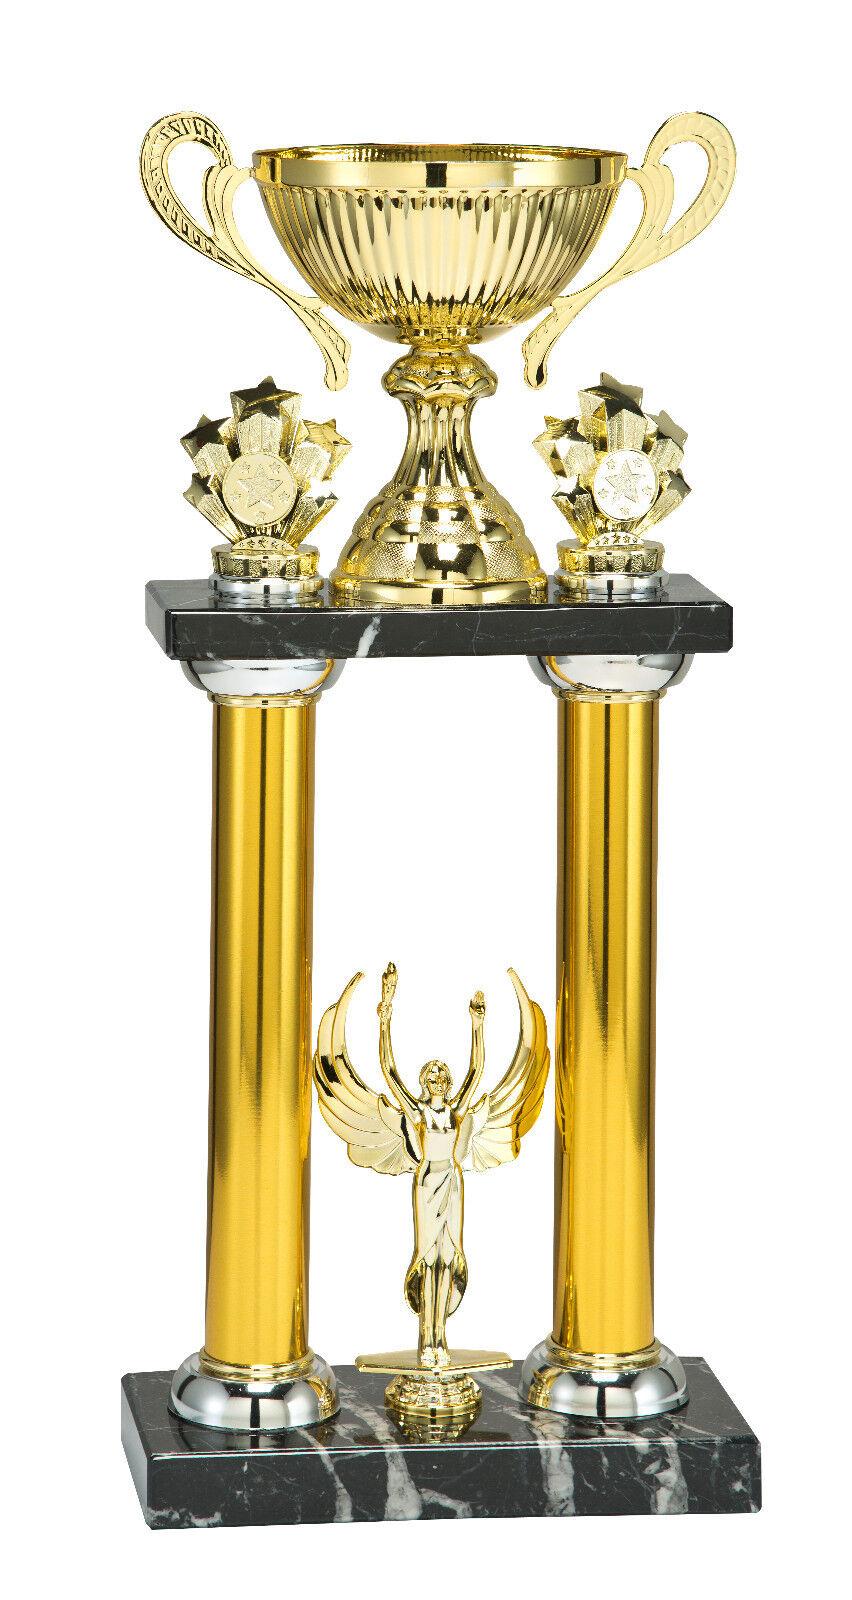 COPPA Trofeo D'oro 465mm GRANDE  Incisione Gratis  3 grandi dimensioni Award Presentazione